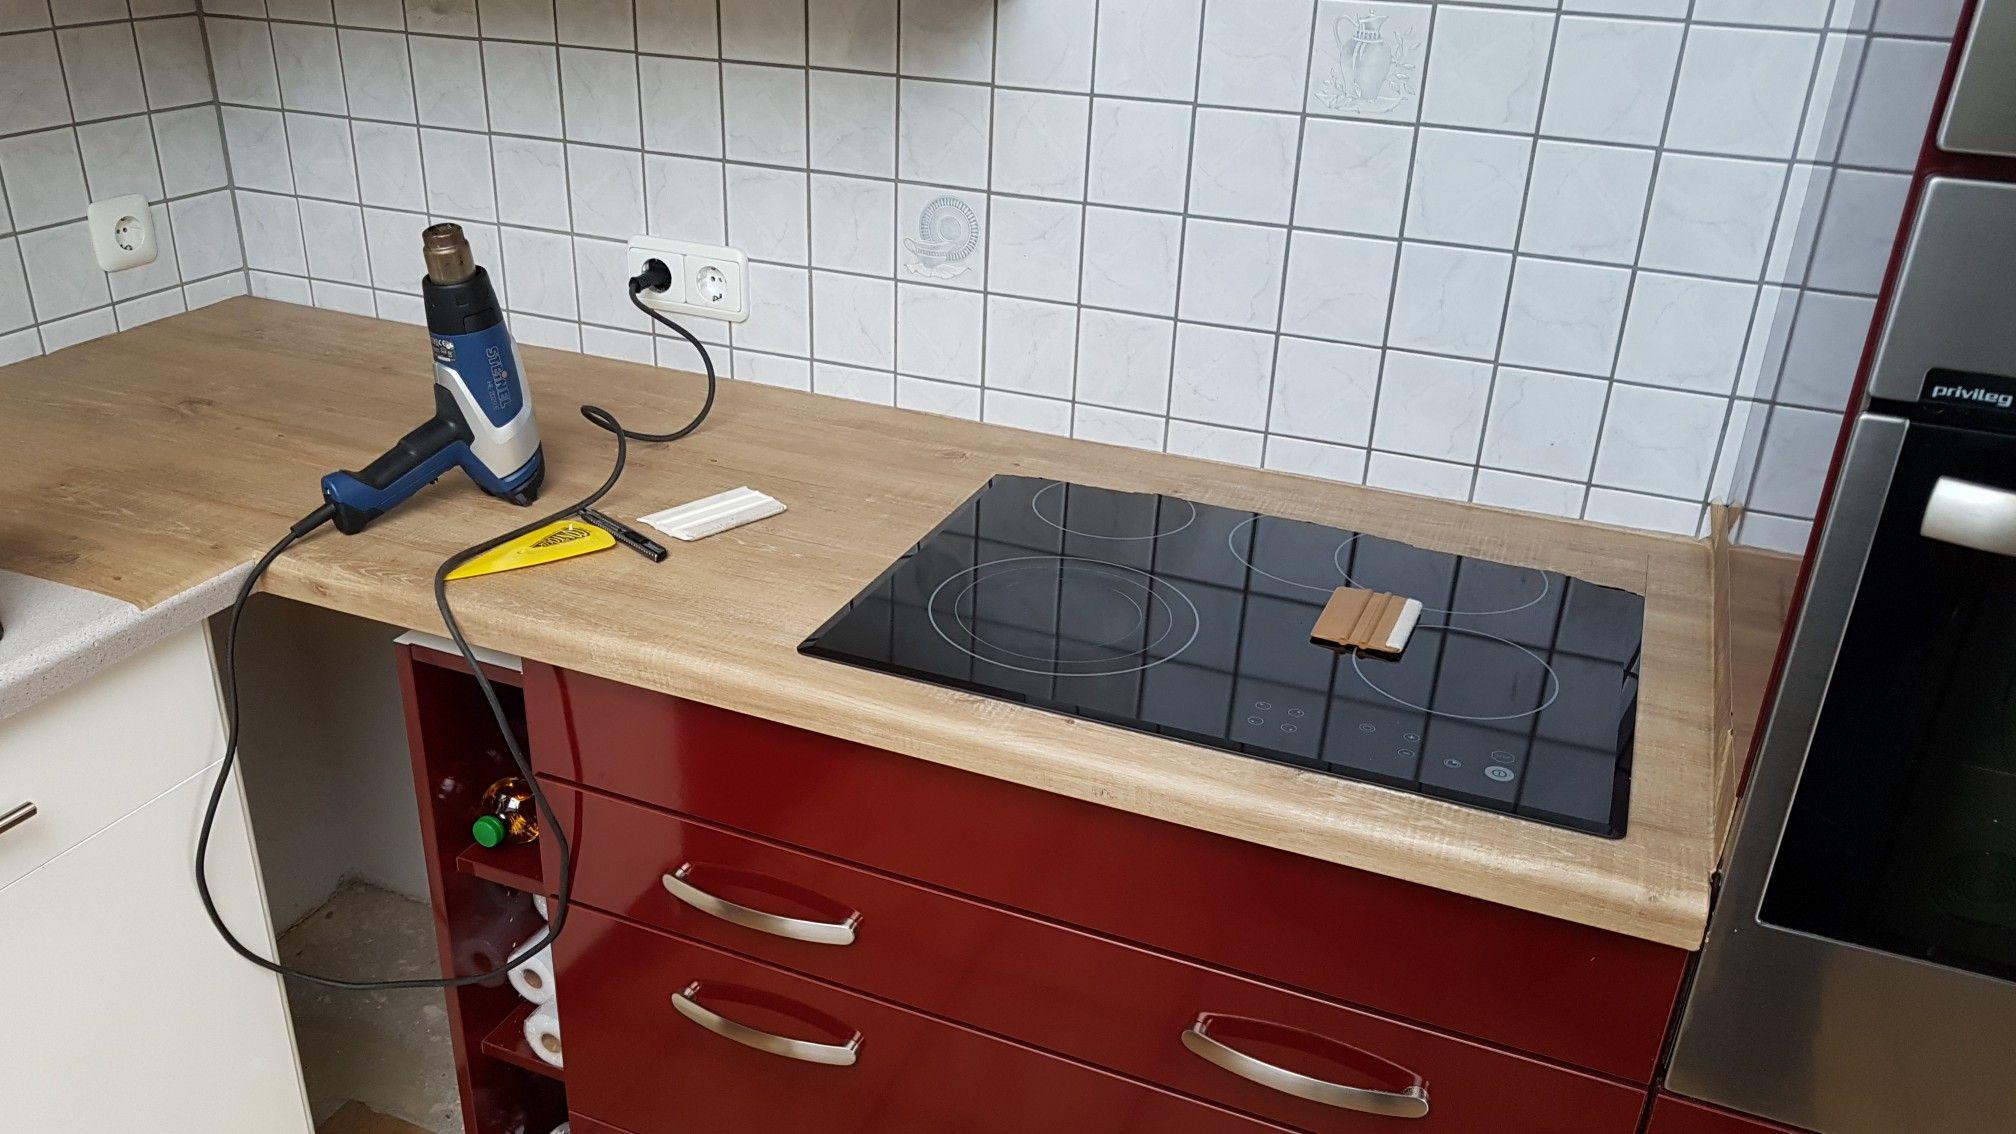 Arbeitsplatte Foliert Arbeitsplatte Mobel Folieren Kuchen Mobel